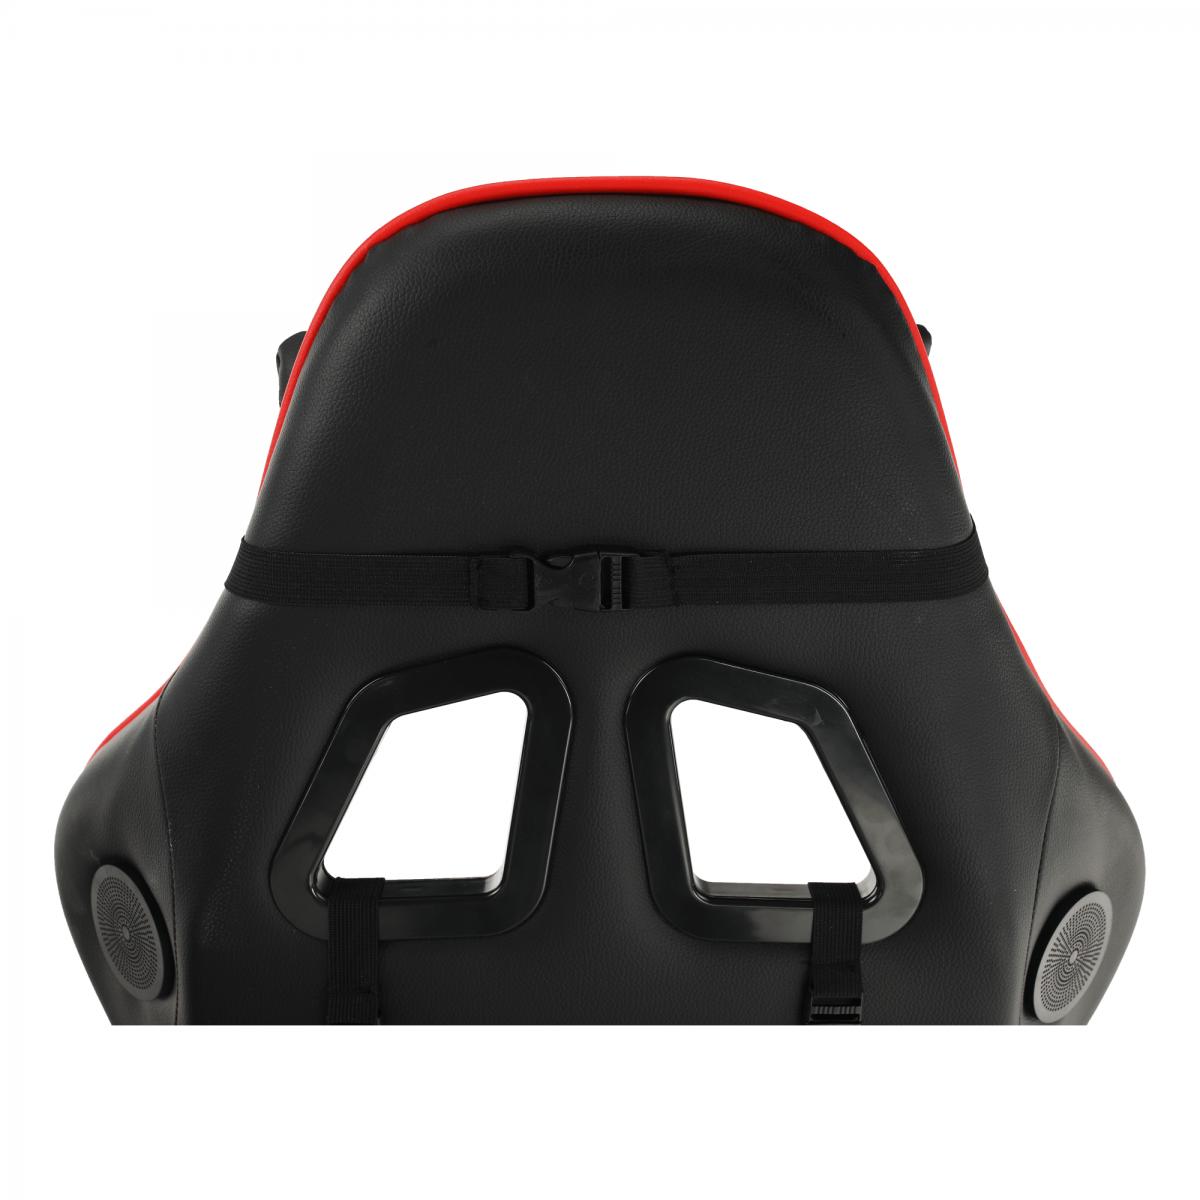 Irodai/gamer szék Bluetooth hangszórókkal, fekete/piros, CARPI